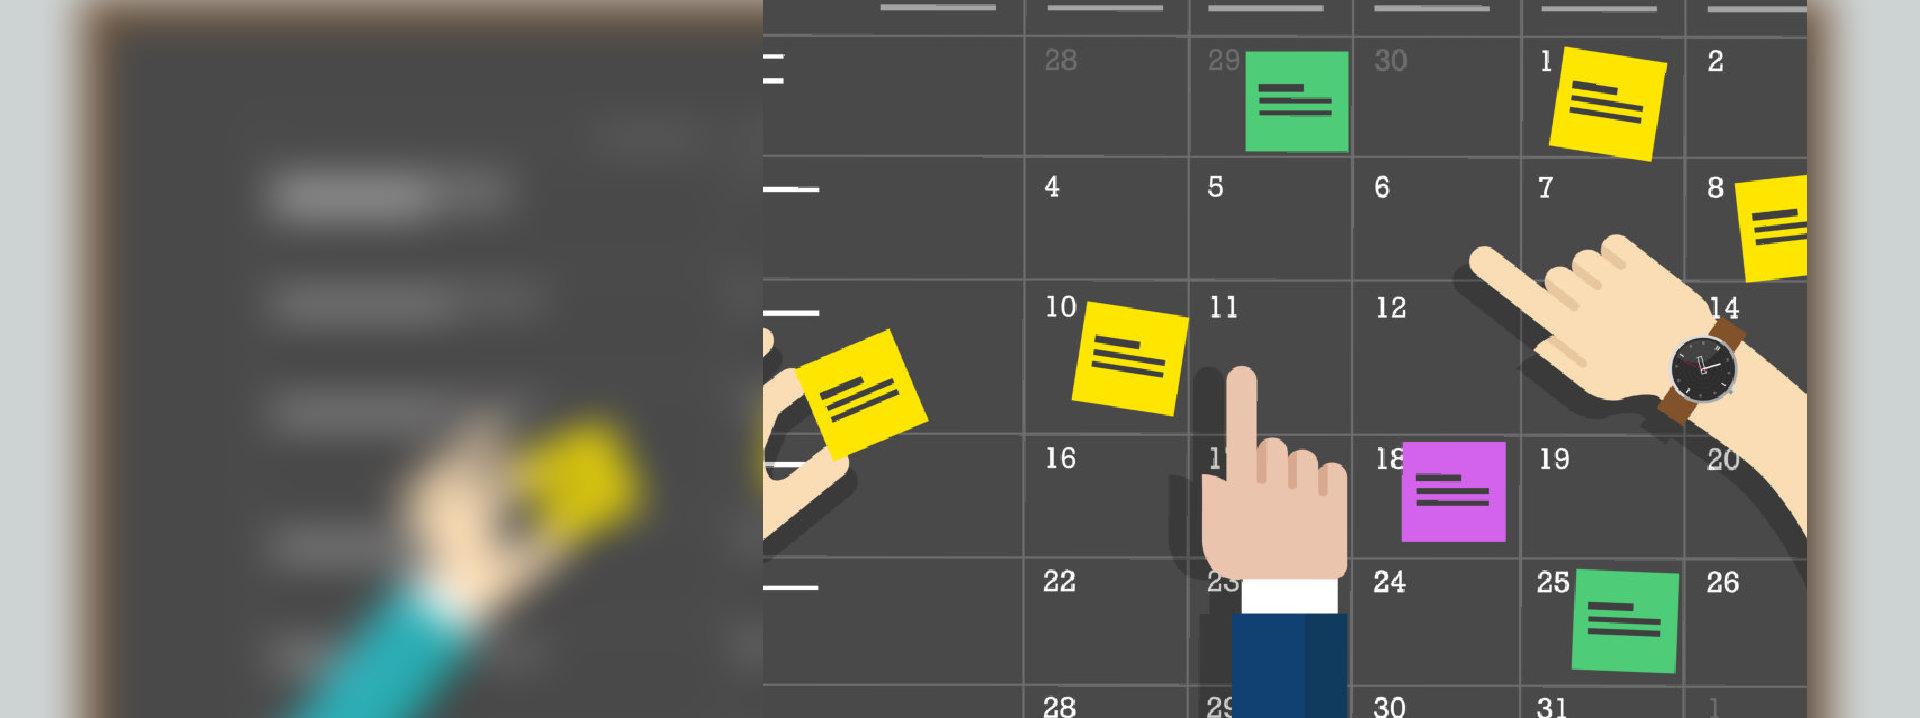 Calendar schedule board